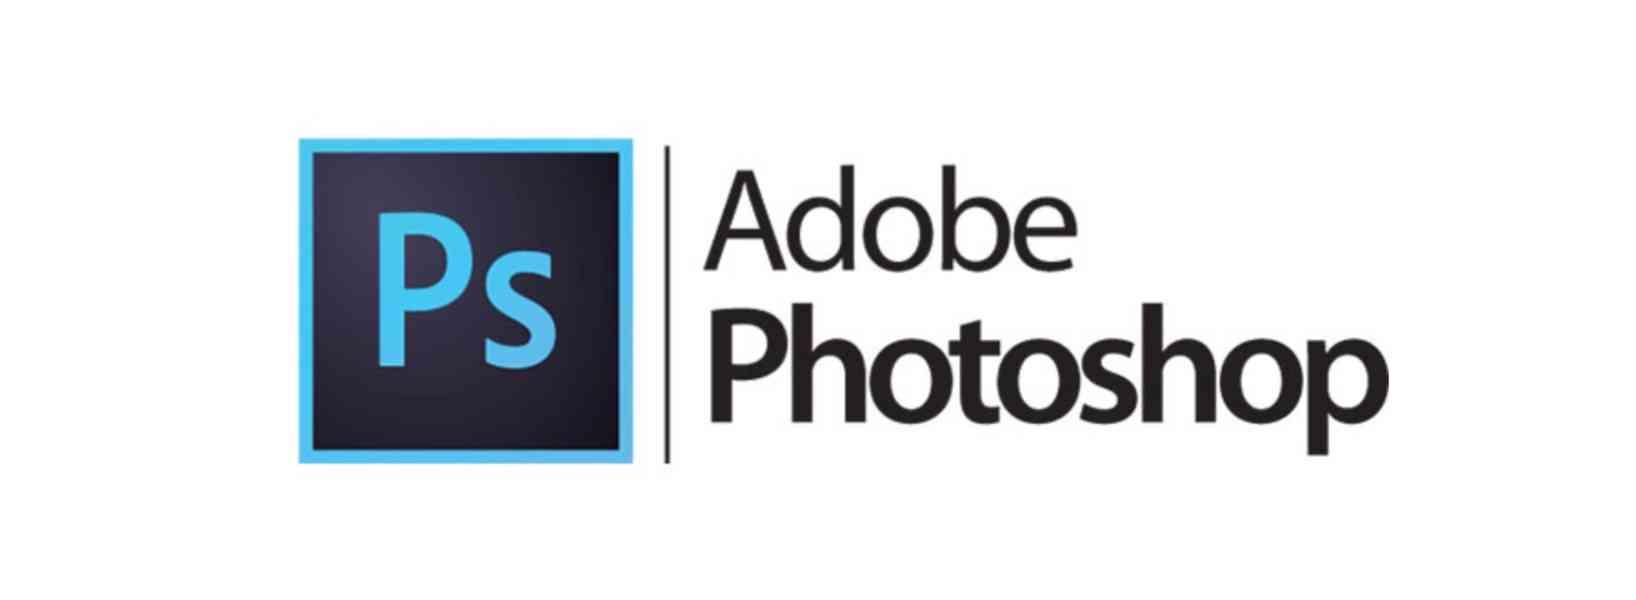 Správa sociálních sítí, Photoshop